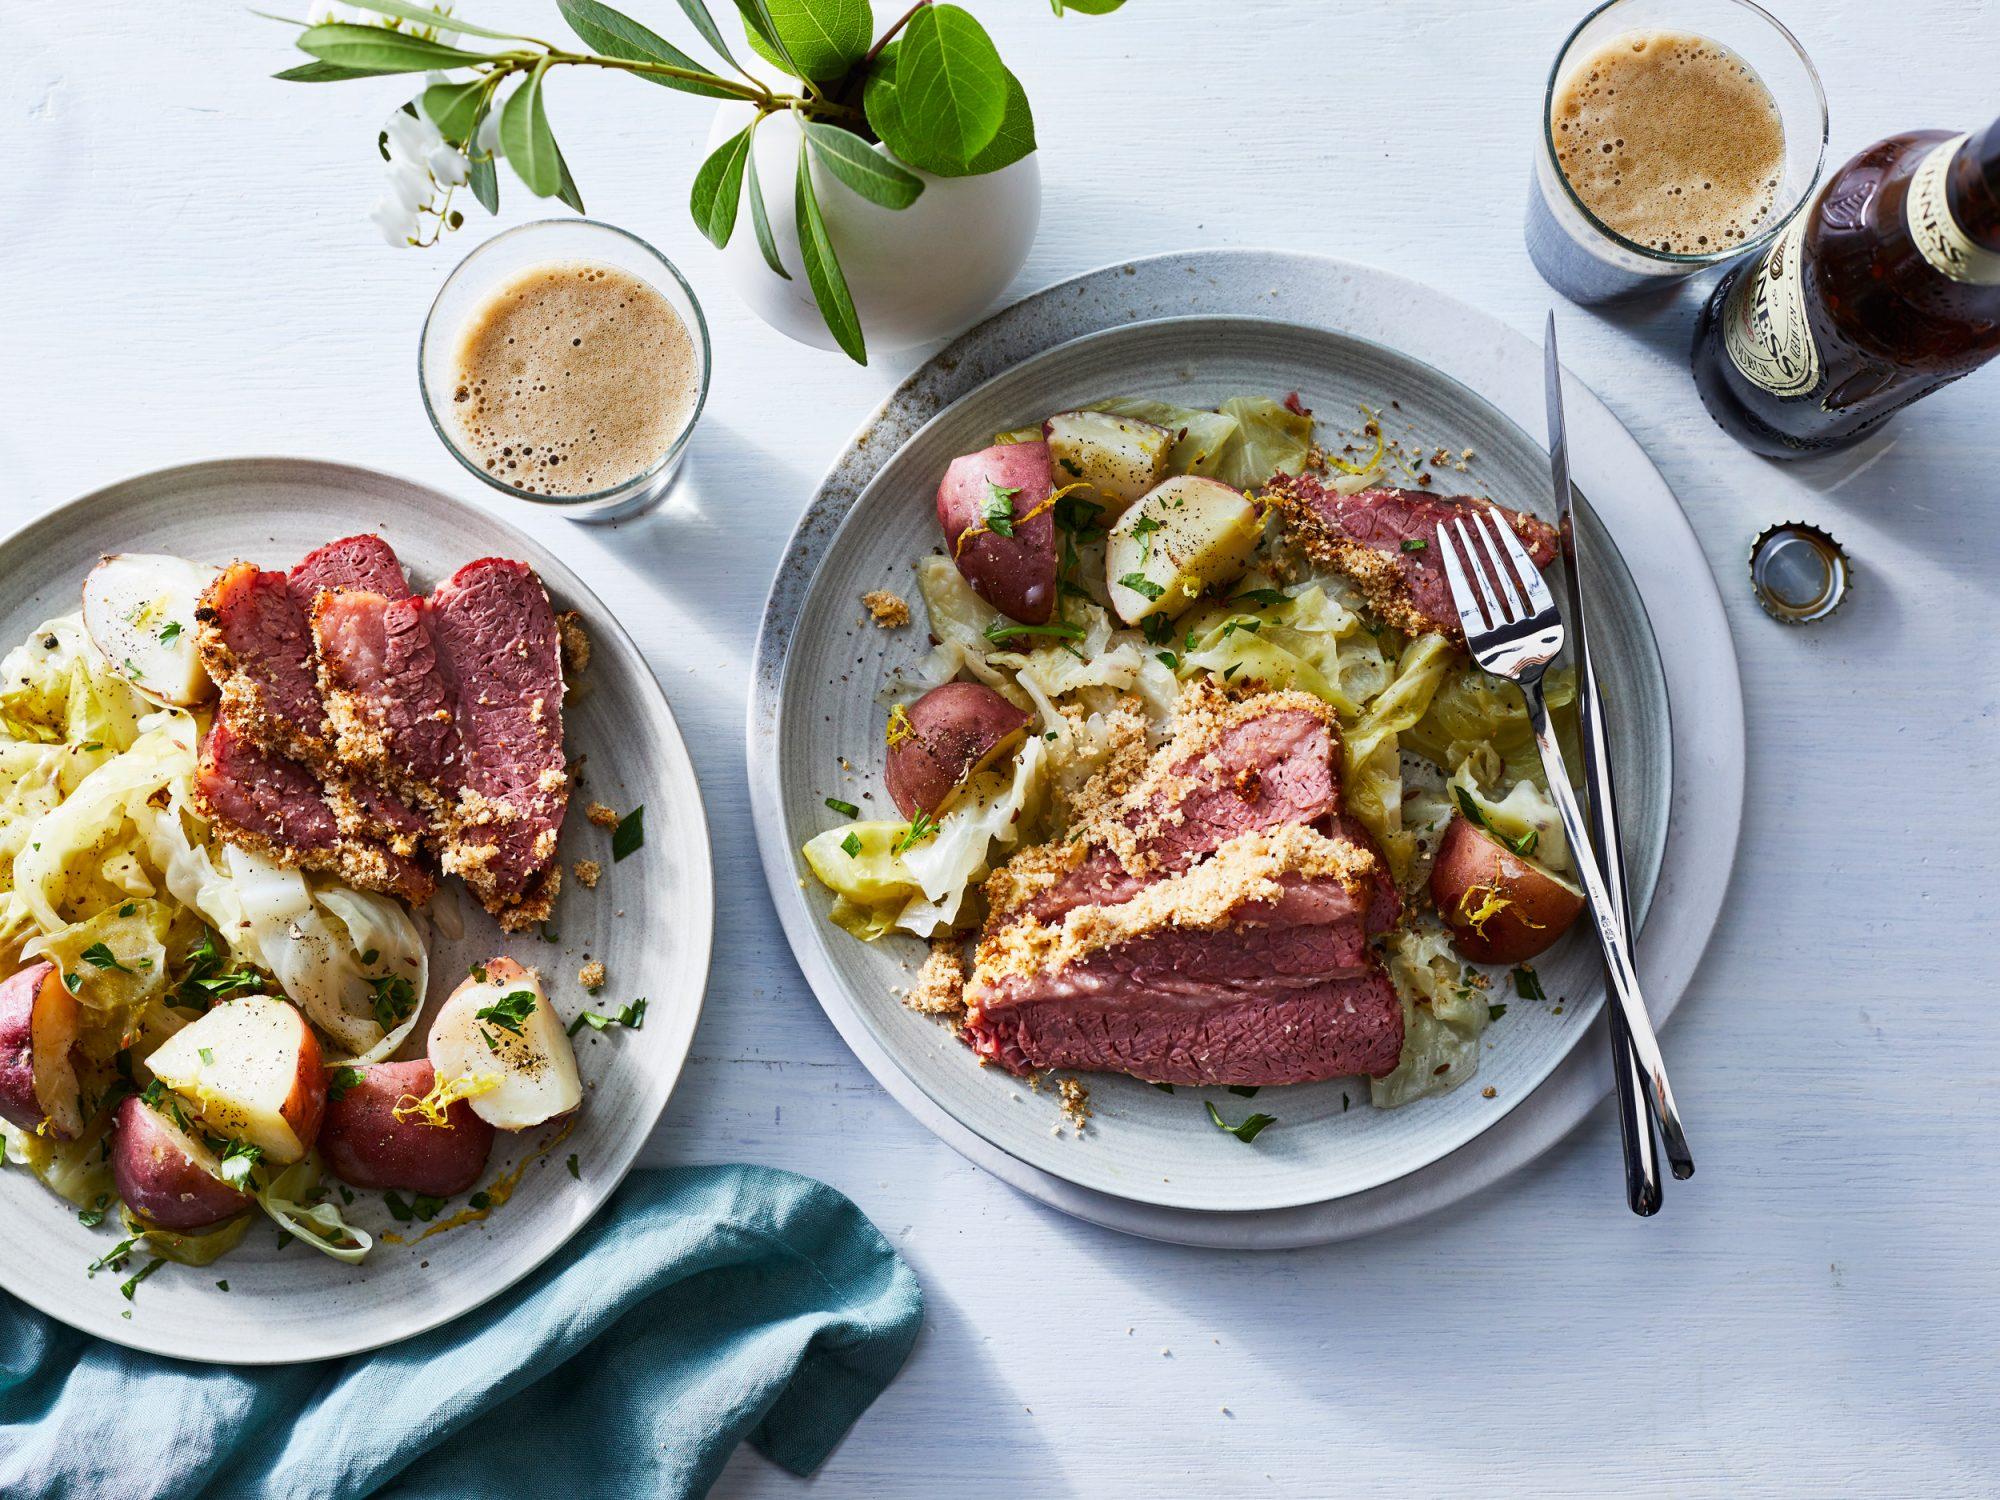 Kết quả hình ảnh cho beef meal